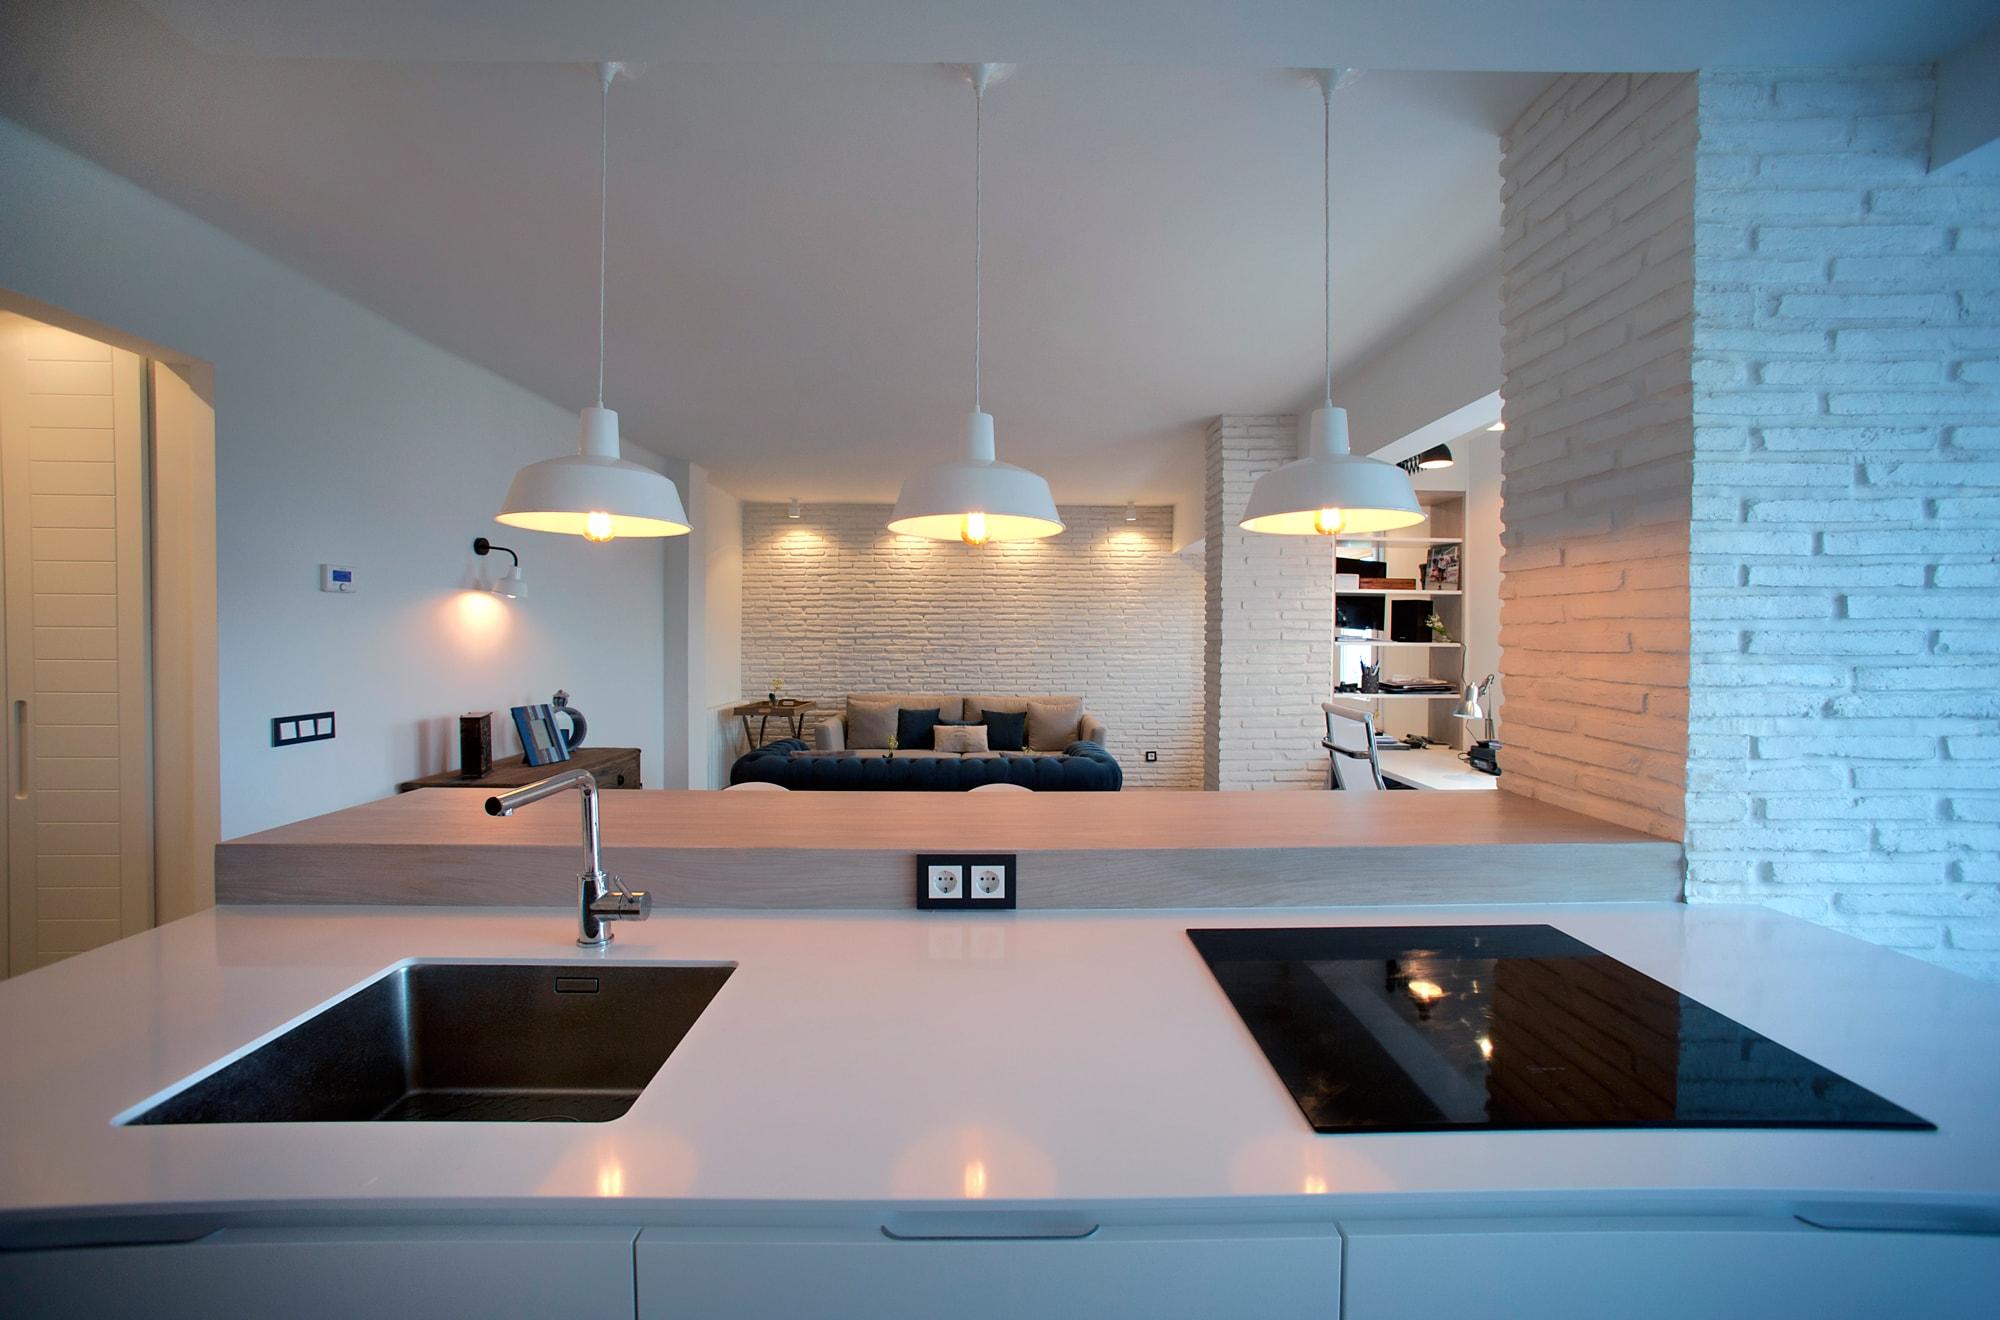 Apartamento lekeitio bizkaia sube interiorismo - Sube interiorismo ...